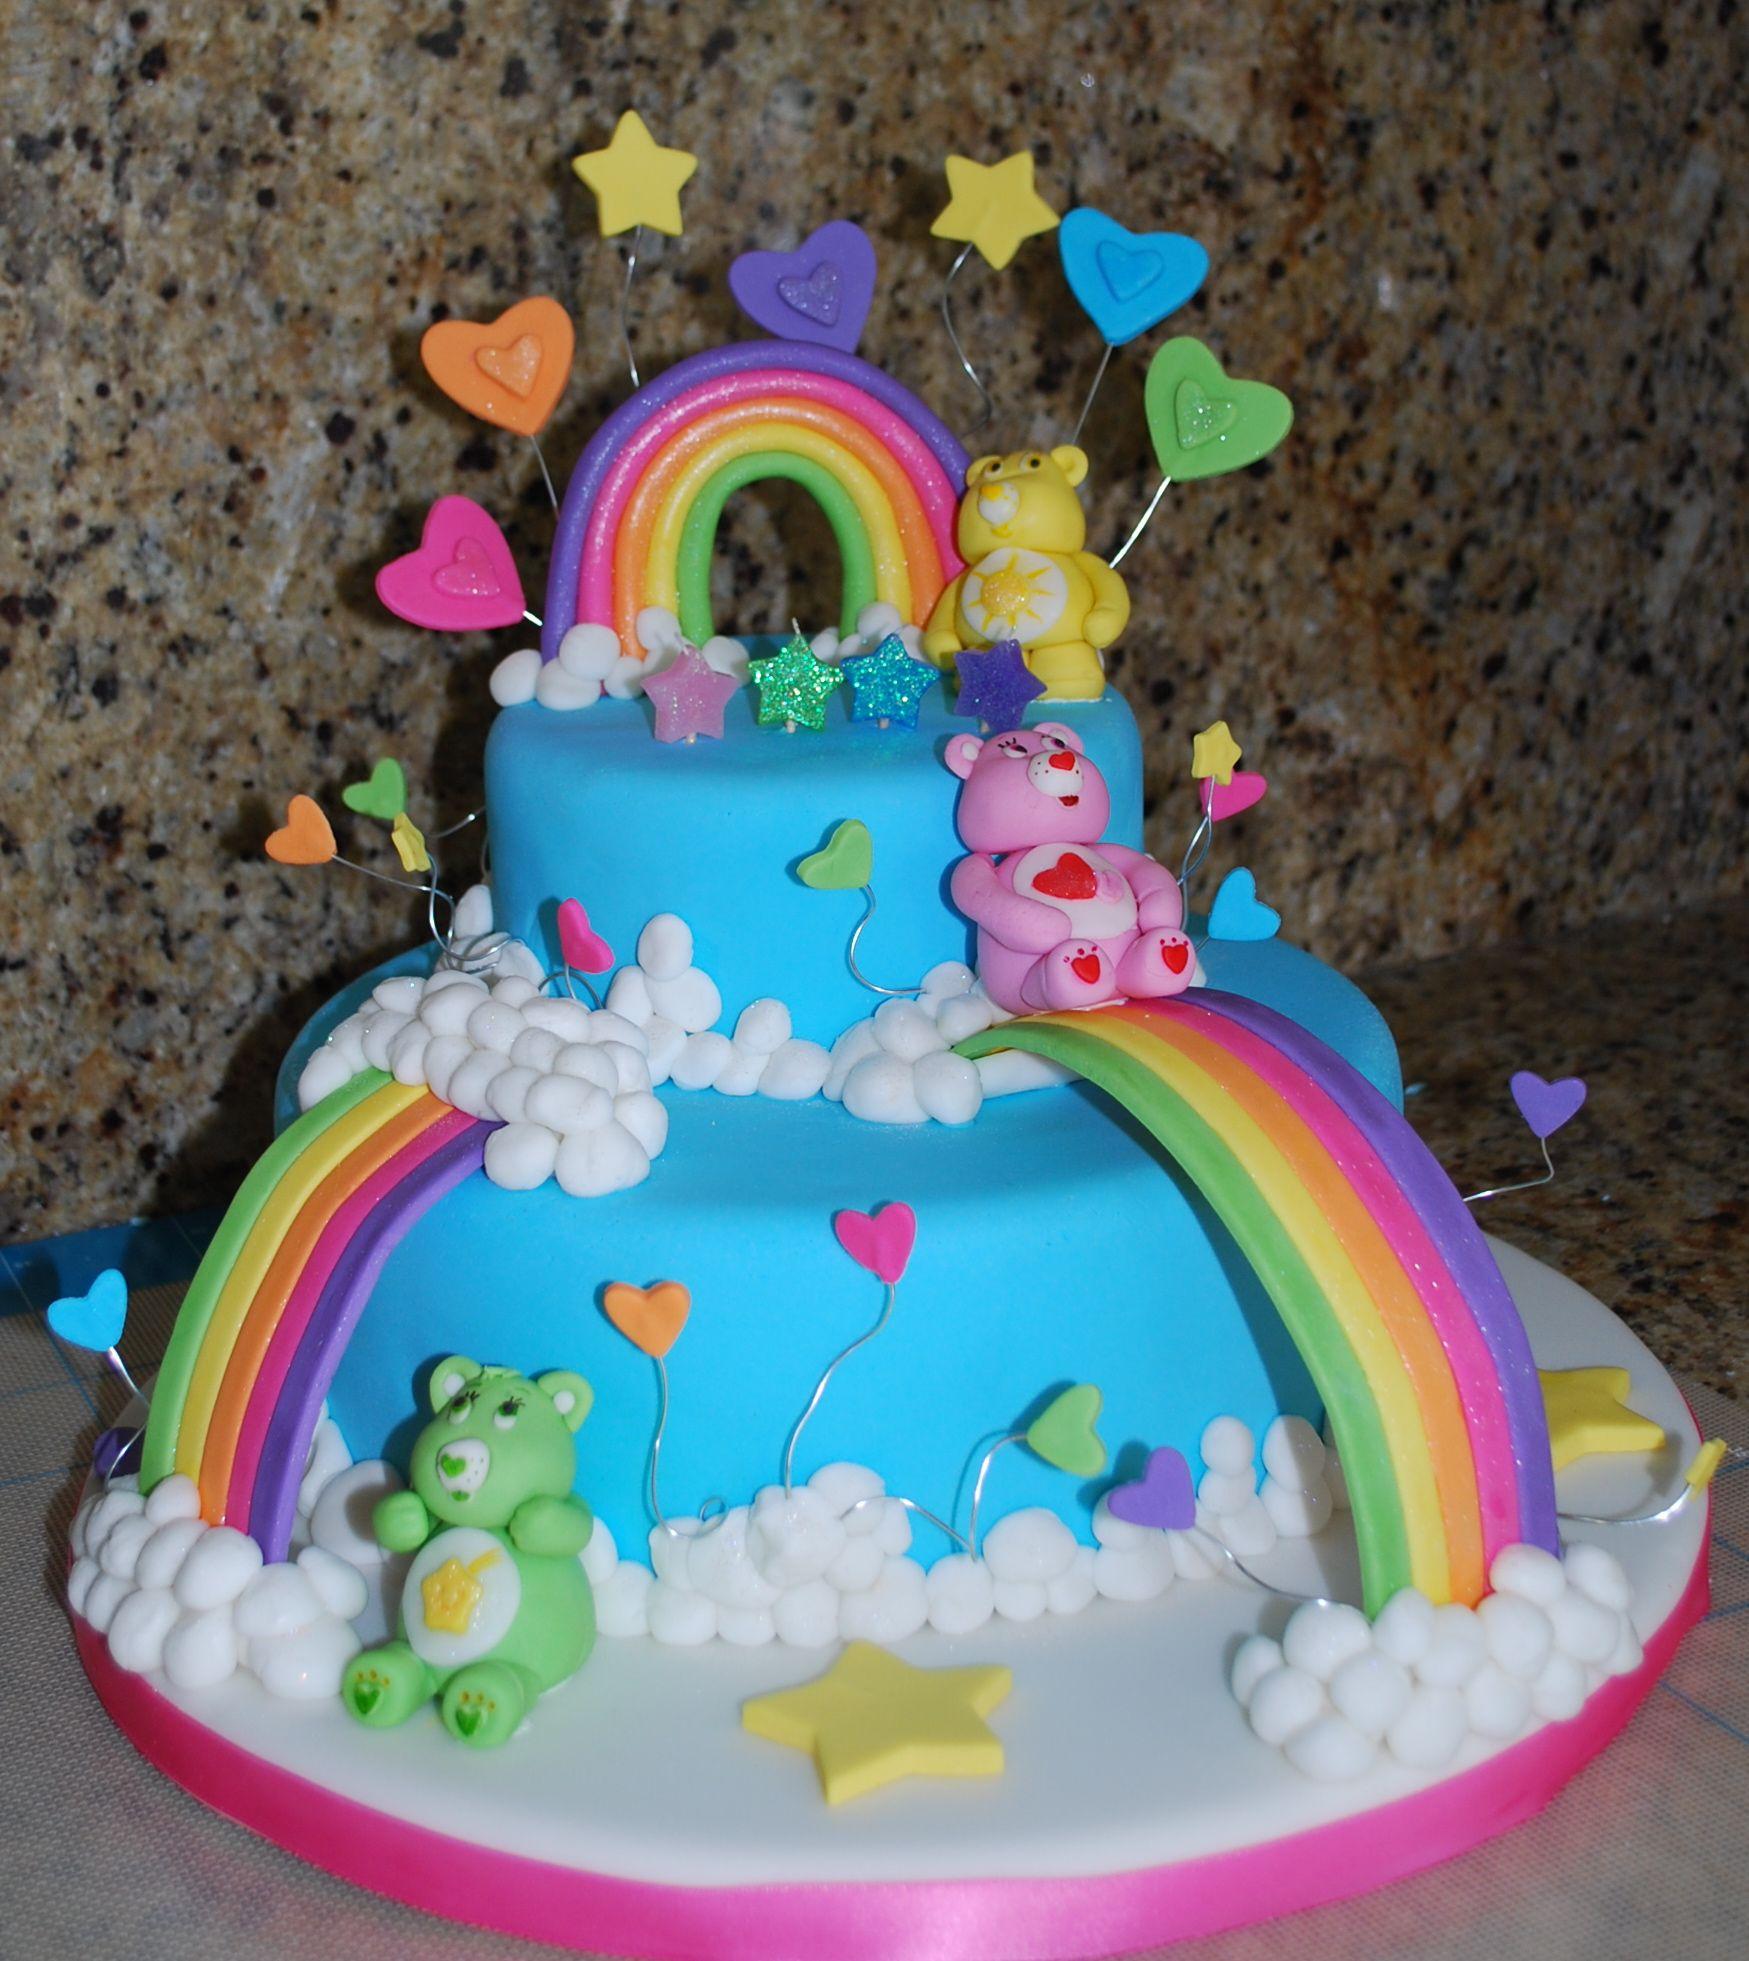 Care Bears Birthday Cakes Care Bears Childrens Birthday Cakes